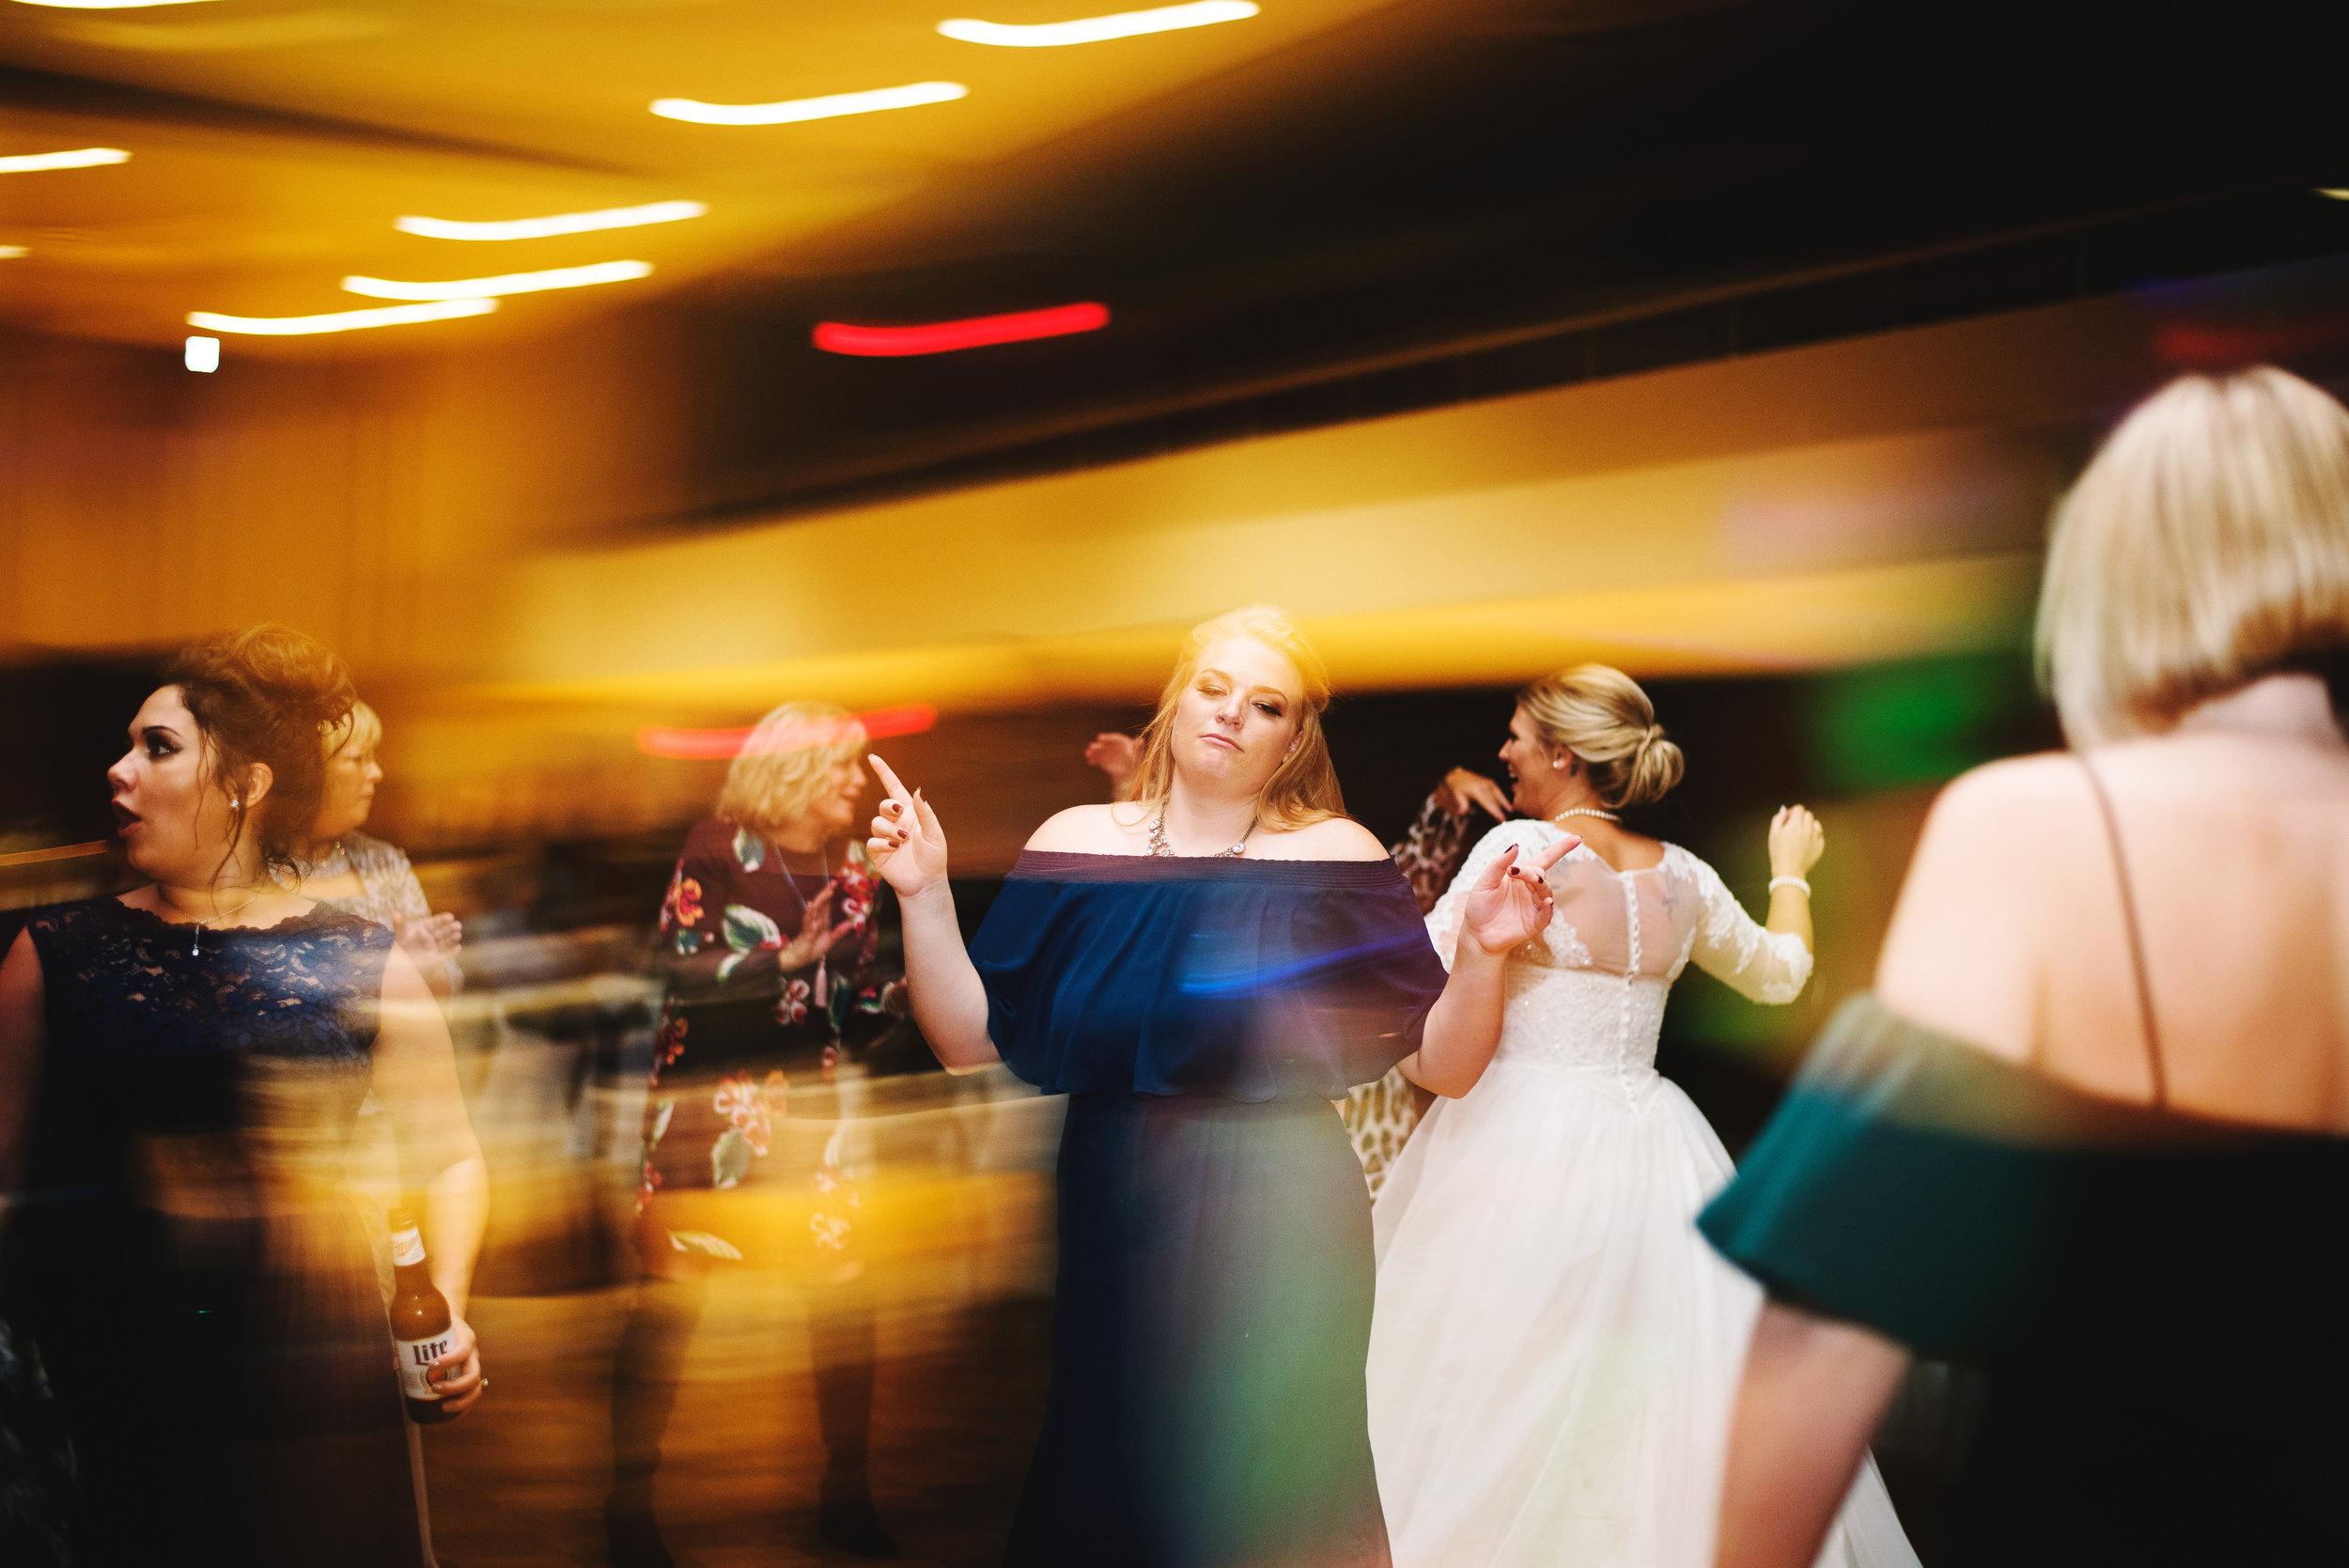 King-Northern-Illinois-University-Wedding161.jpg